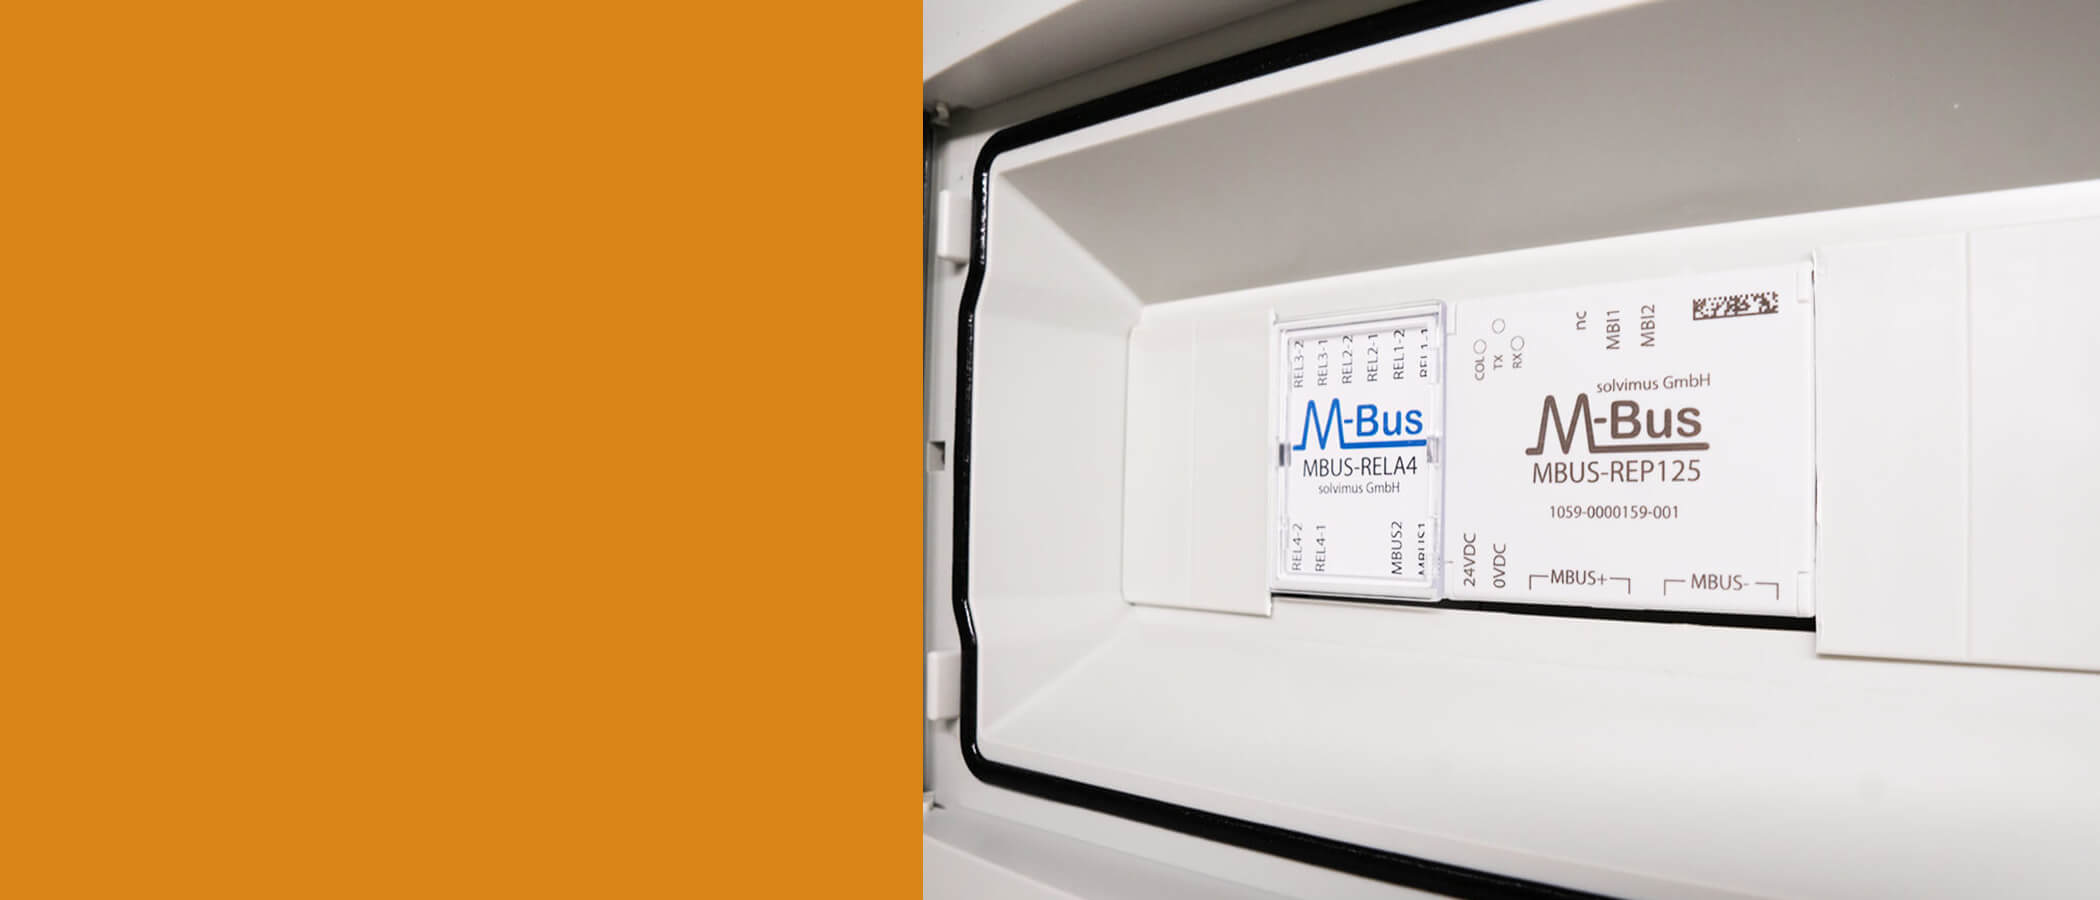 Header M-Bus-RELA4-M-Bus-REP125 solvimus